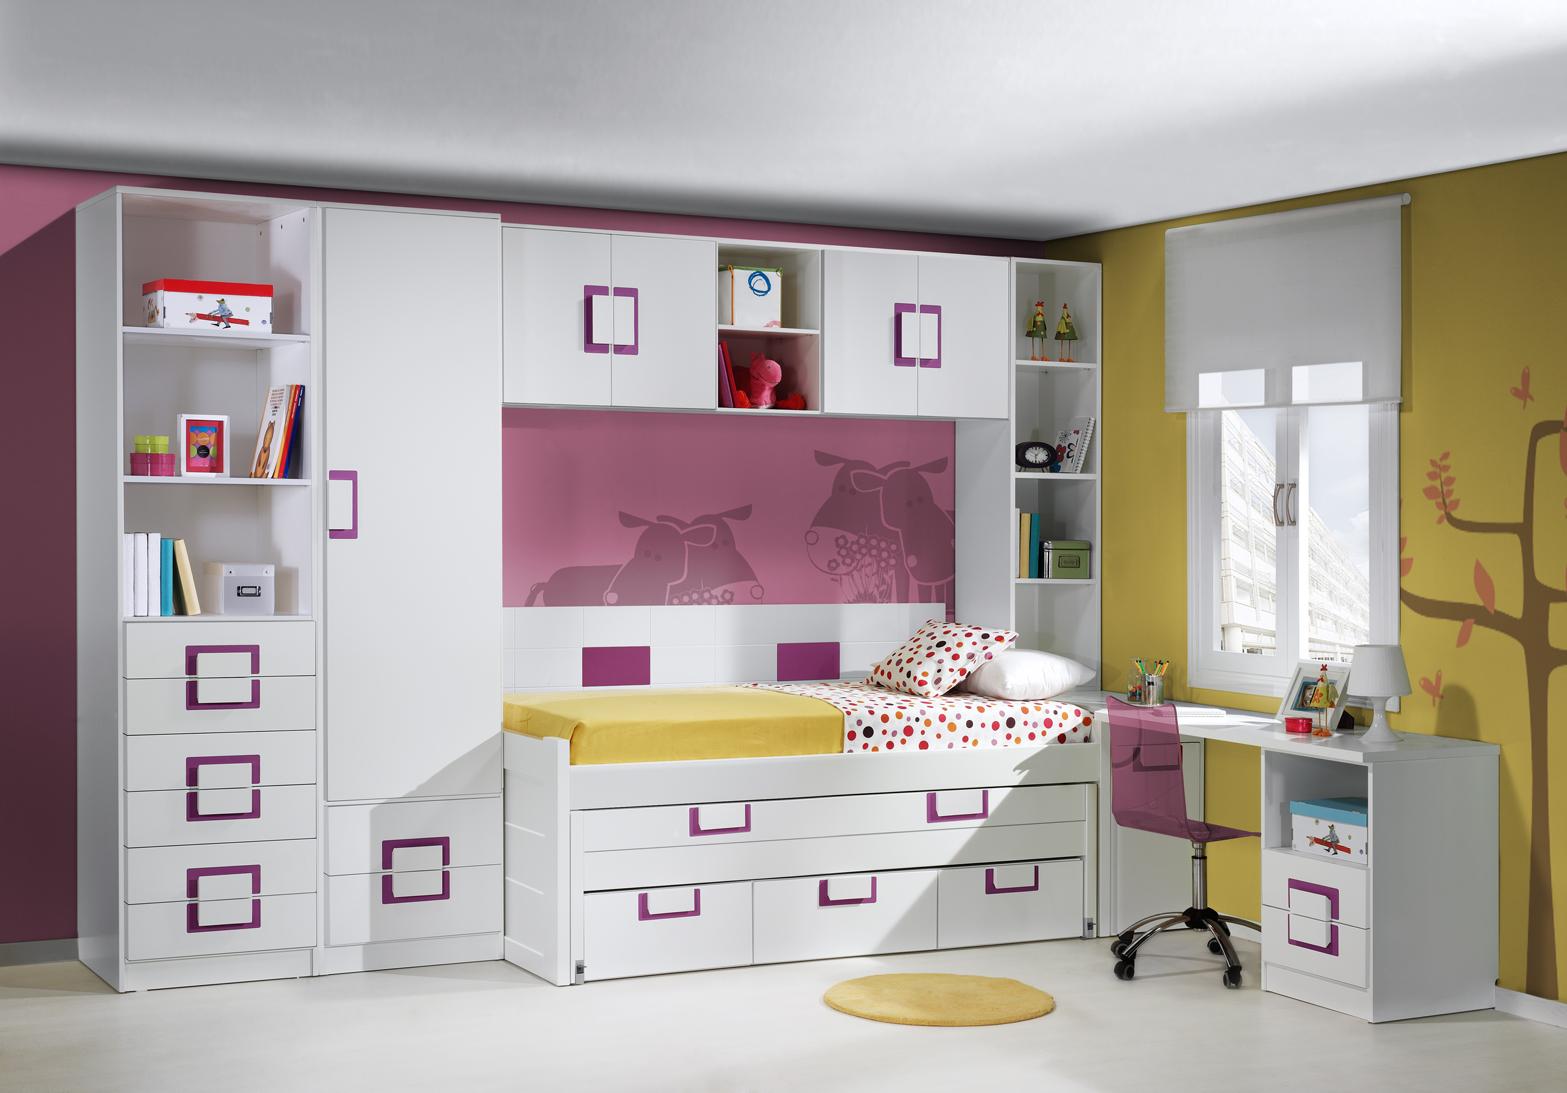 Muebles Juveniles Y Juveniles Cela Simple Imagenes De Muebles  # Muebles Caparros E Hijos